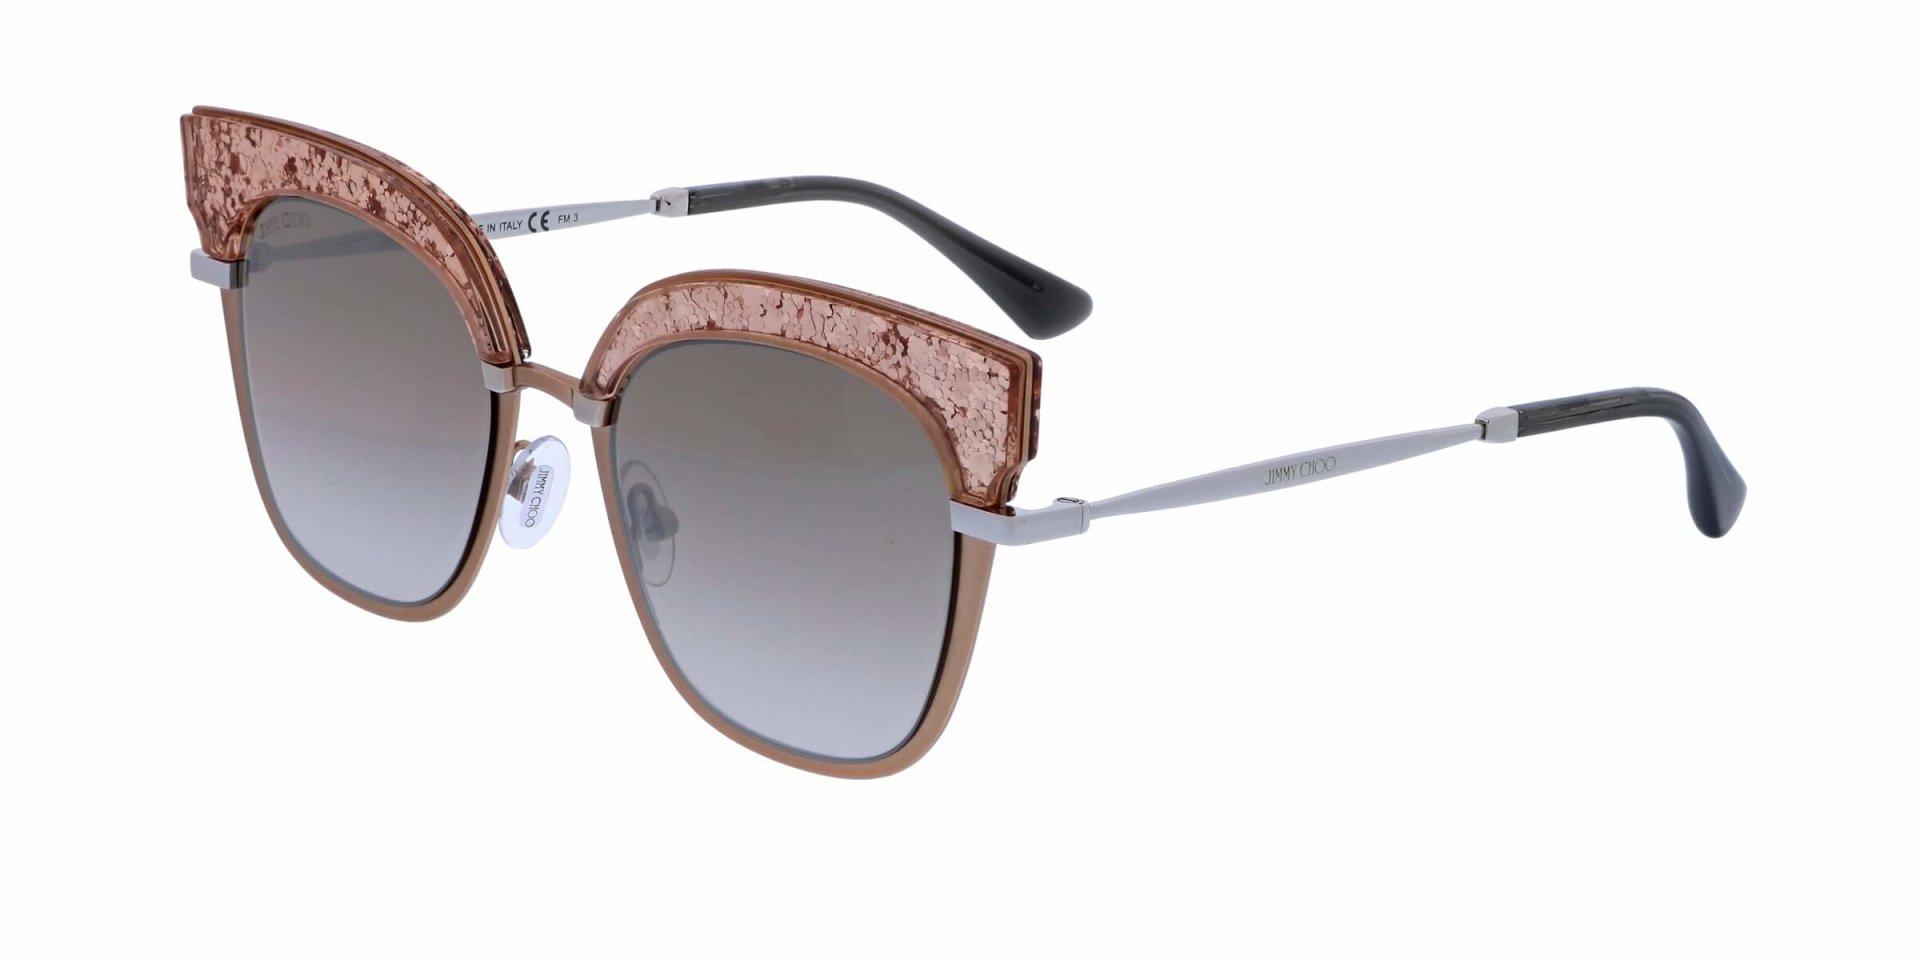 468b151c91e Sunglasses JIMMY CHOO